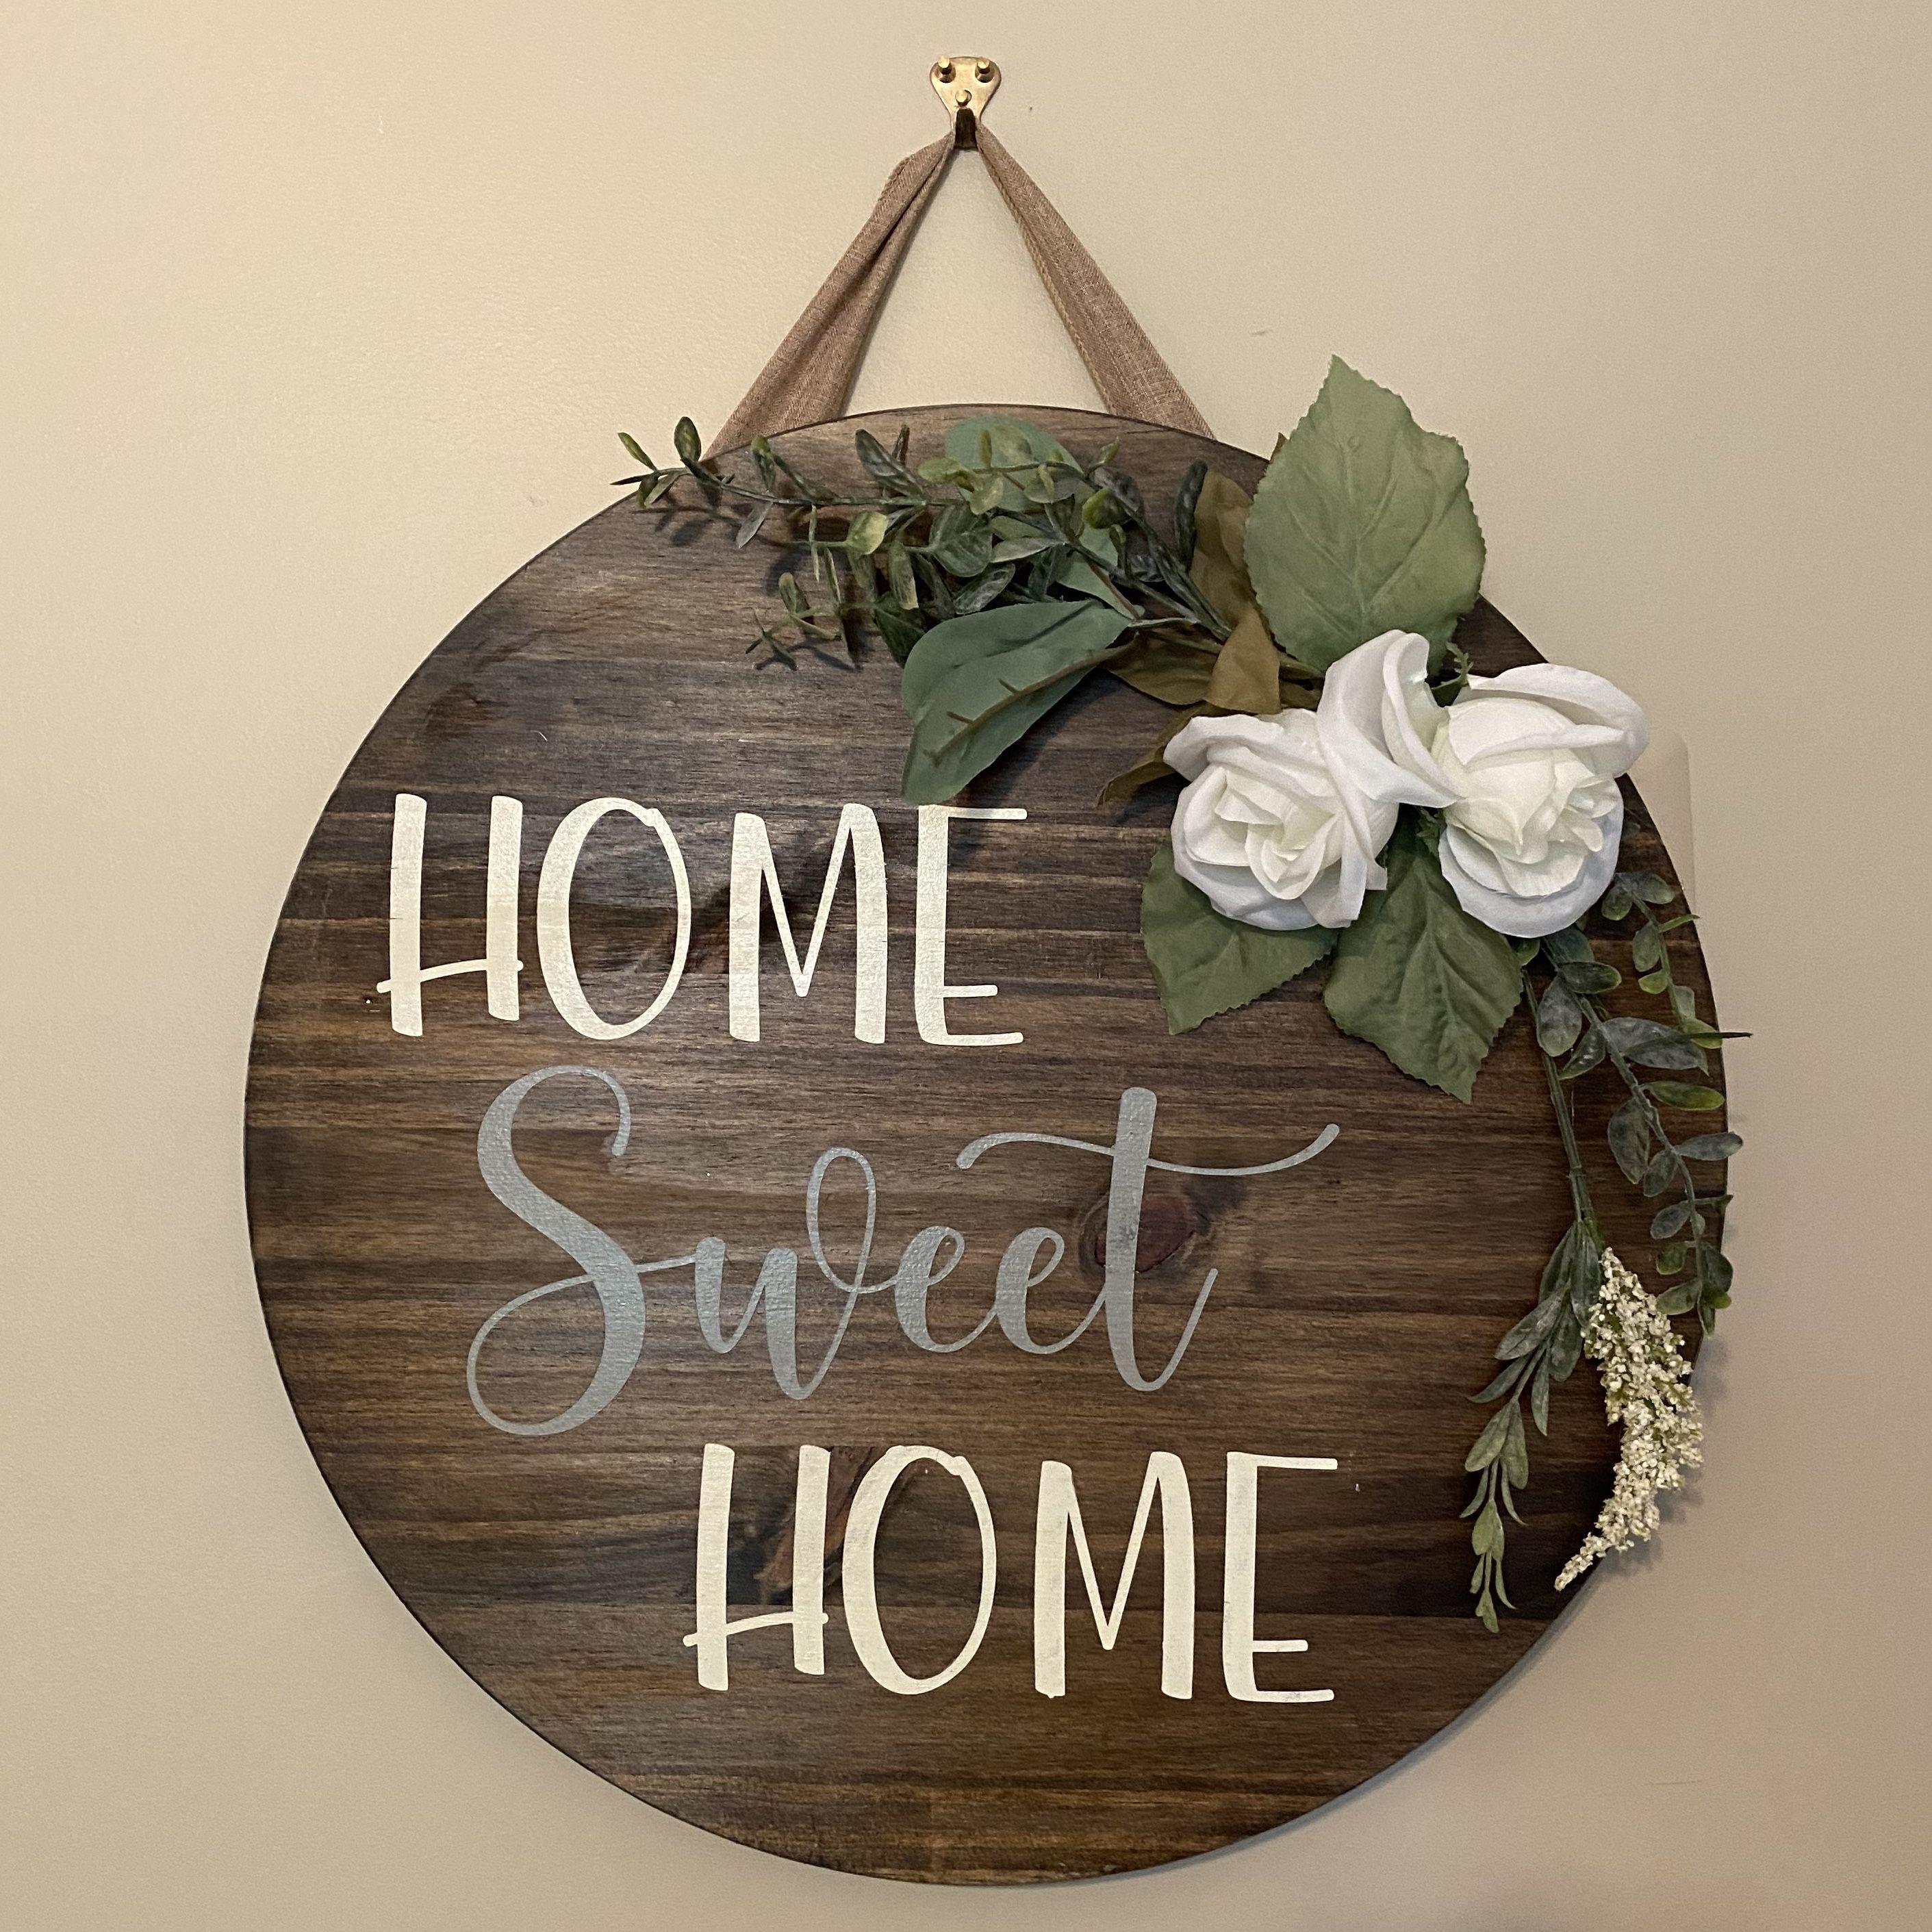 Home Sweet Home Door Hanger Door Decor Housewarming Gift Etsy In 2020 Wooden Signs For Sale Sweet Home Door Decorations